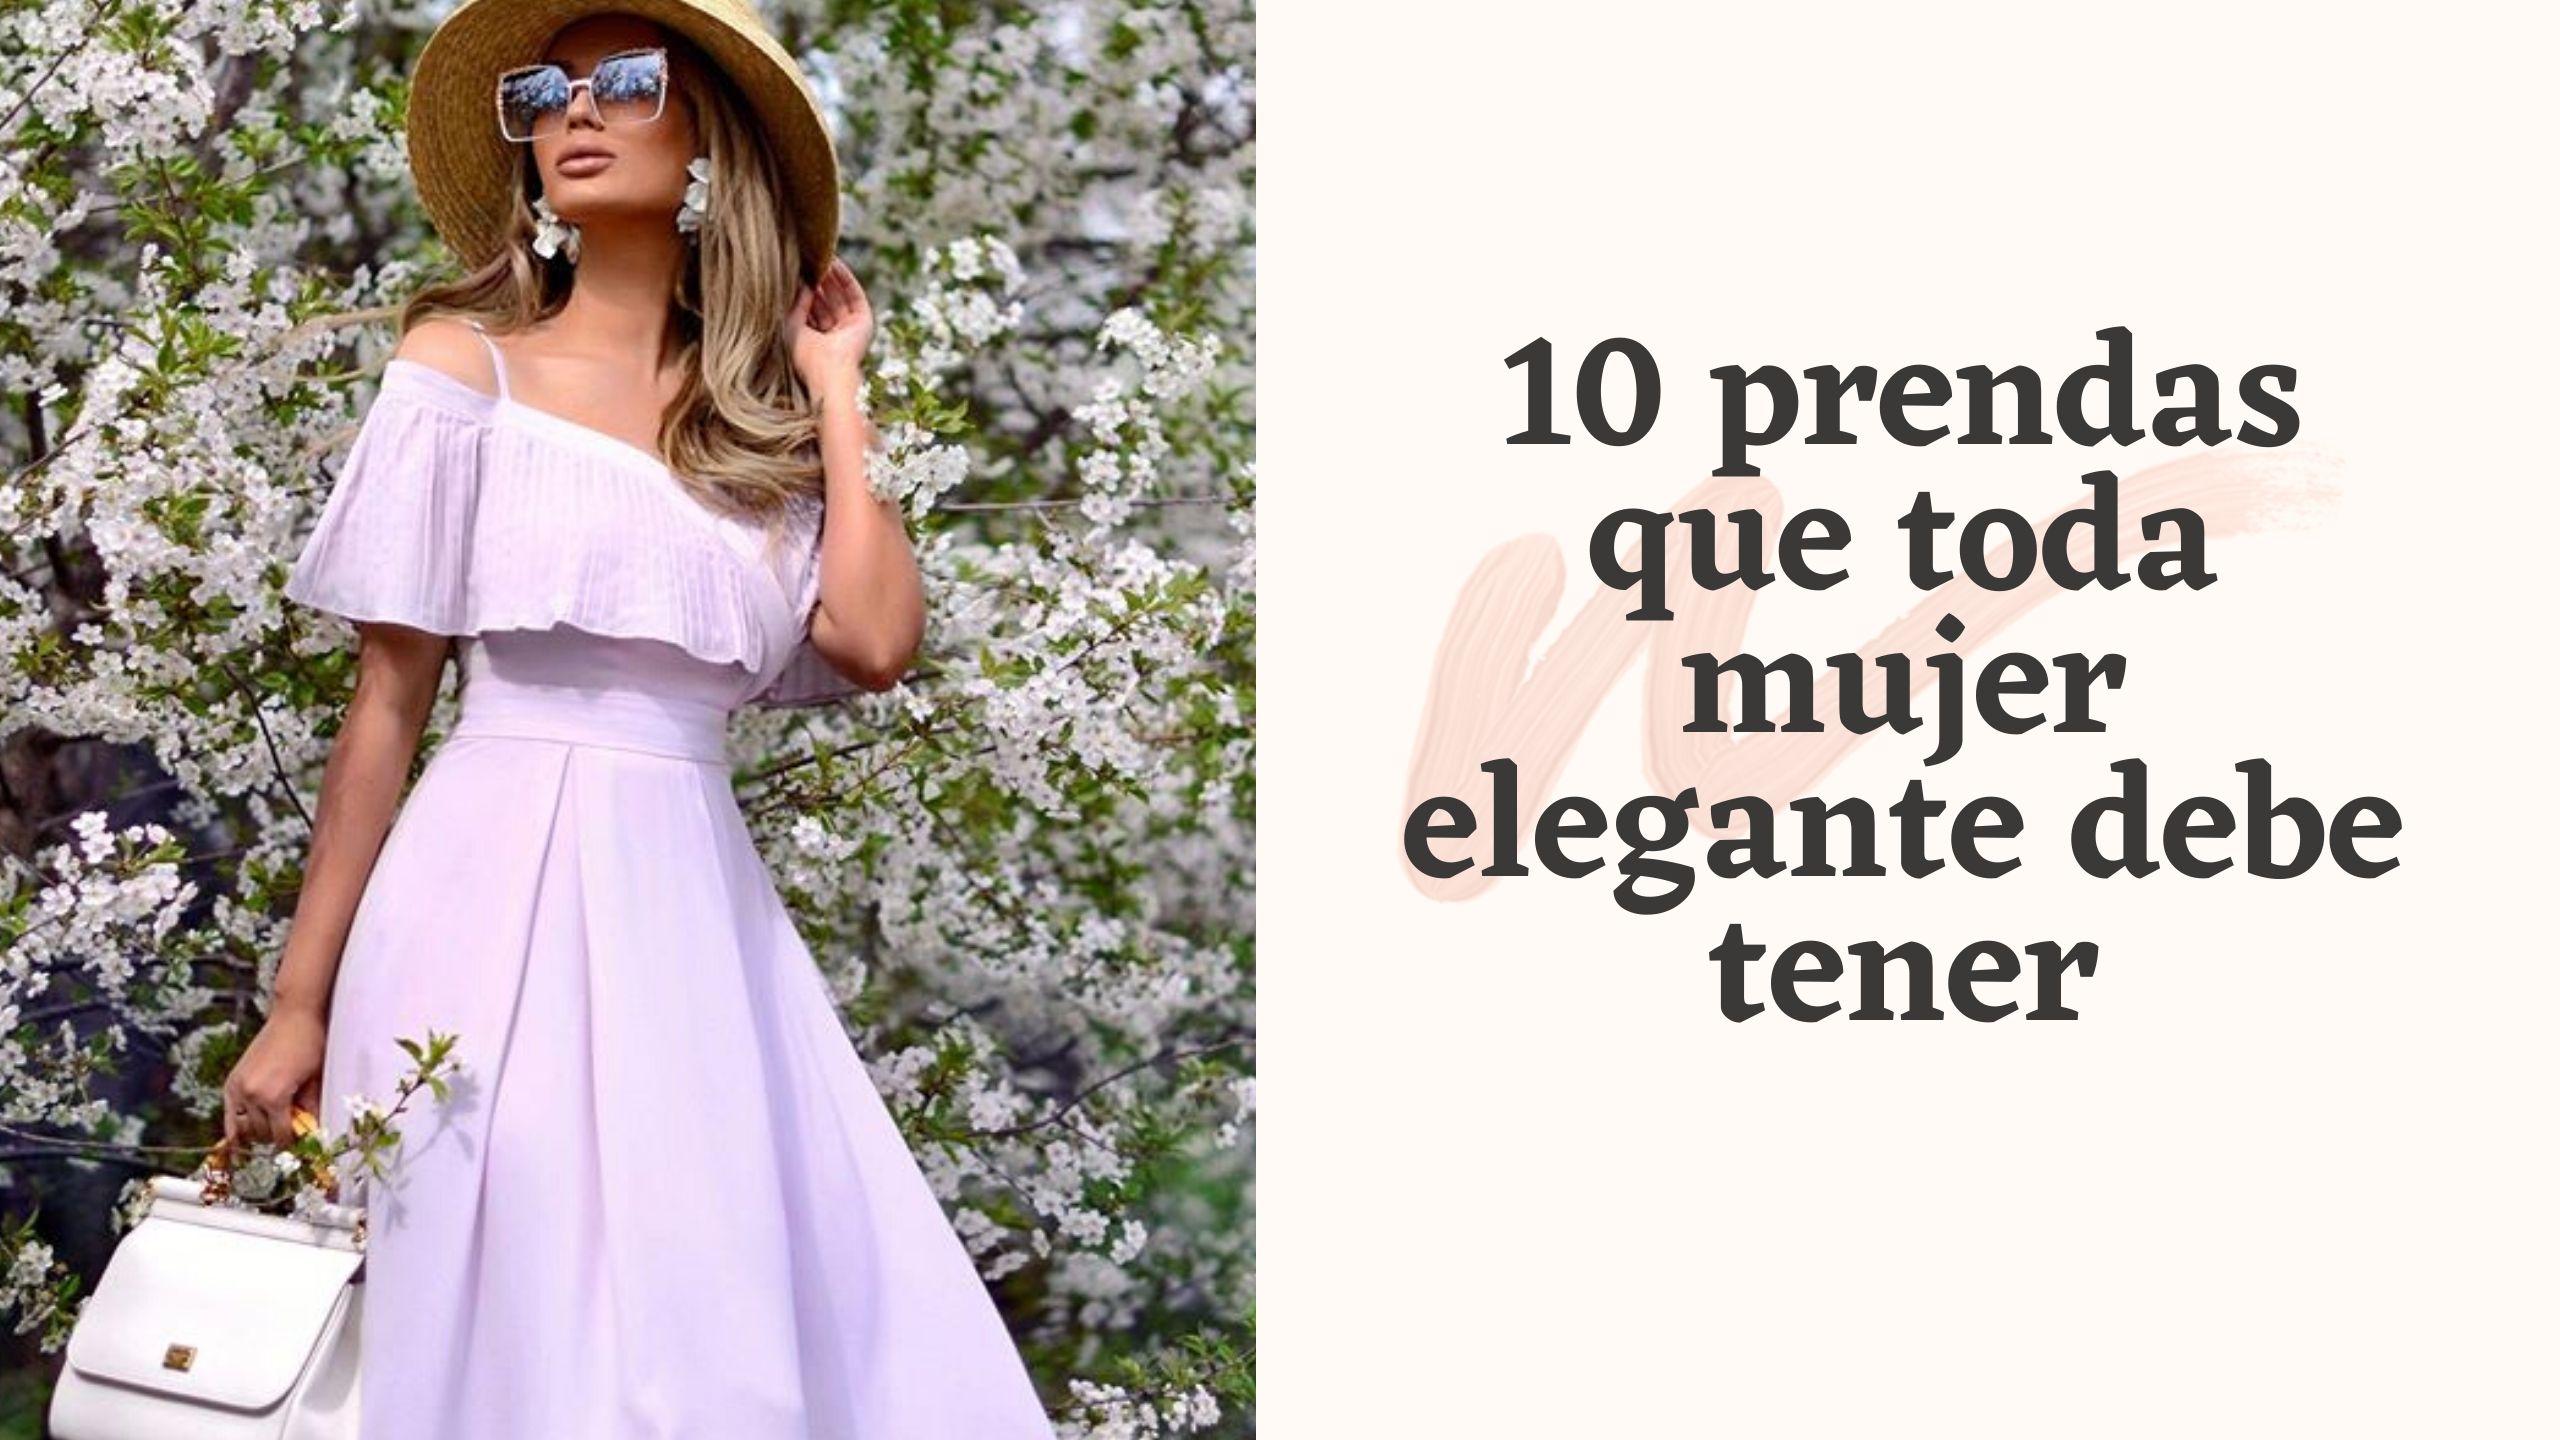 10 prendas que toda mujer elegante debe tener